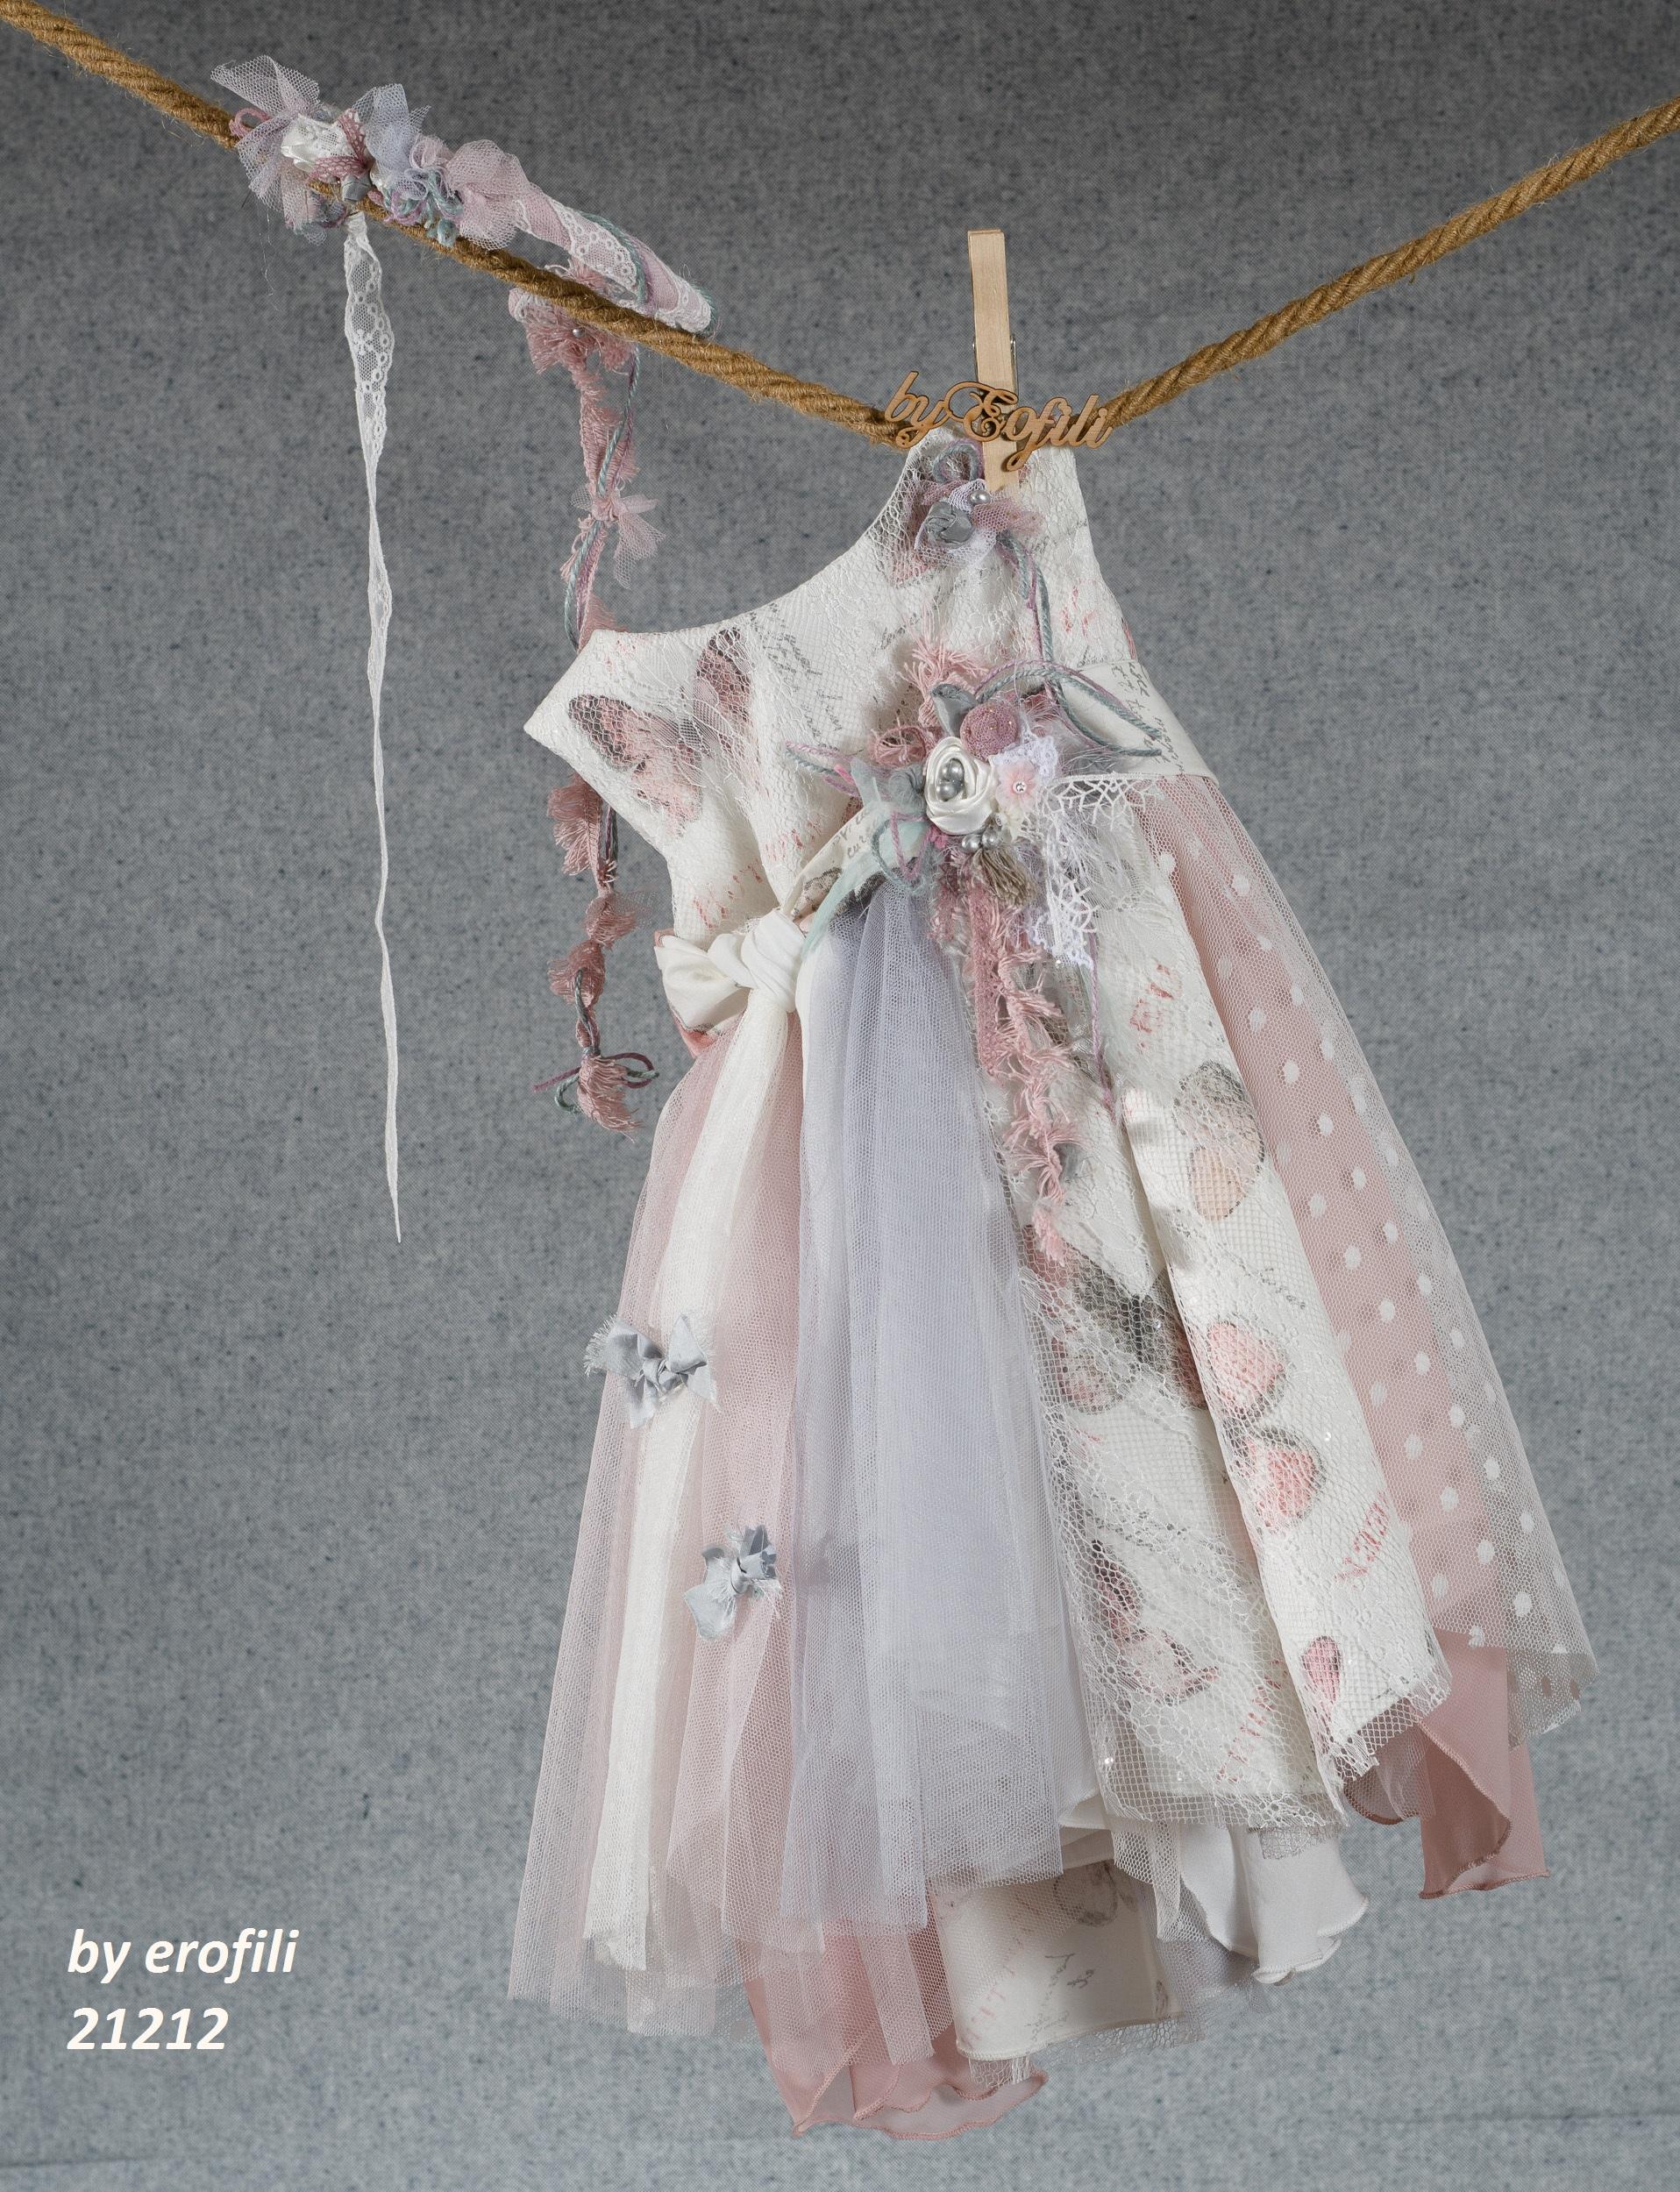 Ένα νεραϊδένιο βαφτιστικό σύνολο για κορίτσι με θέμα τις πεταλούδες που περιλαμβάνει:  Φόρεμα (φόδρα από 100% βαμβάκι) εμπριμέ, στολισμένο με χειροποίητα υφασμάτινα λουλούδια και ασύμμετρη φούστα από τούλι και δαντέλα Στεφανάκι ή καπελάκι με χειροποίητα λουλούδια  Για στιγμές ανάλαφρης ευτυχίας!